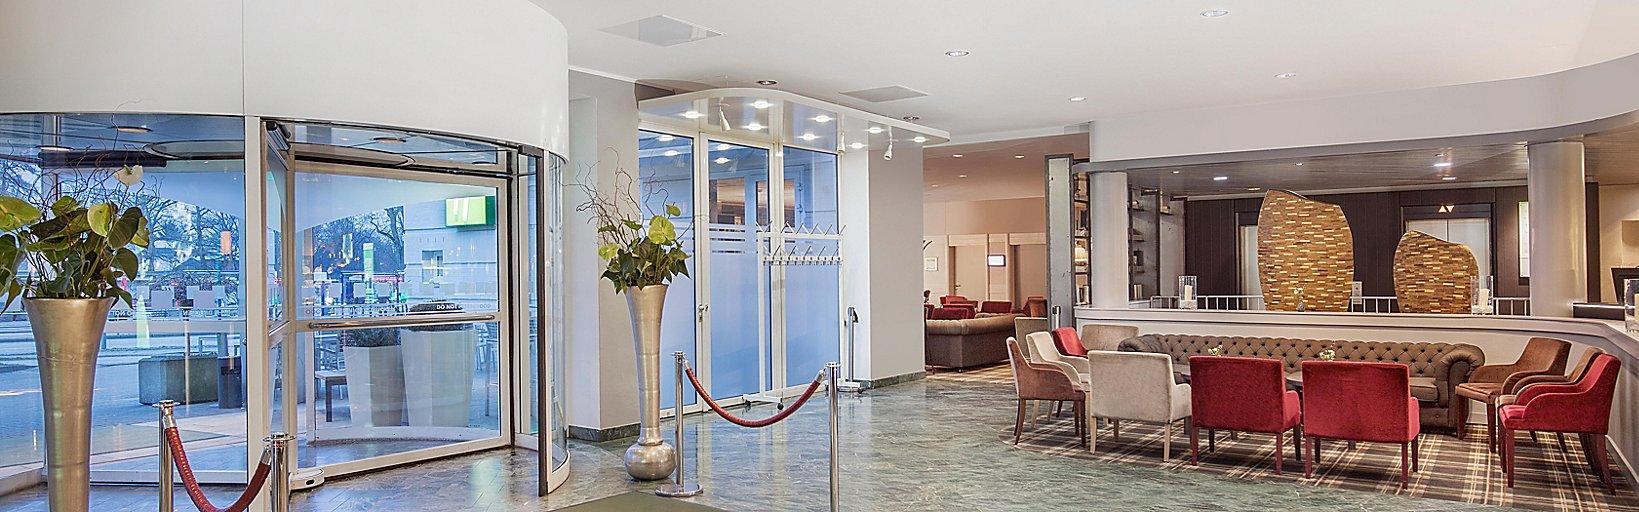 Hotels Im Stadtzentrum Von Lubeck Holiday Inn Lubeck